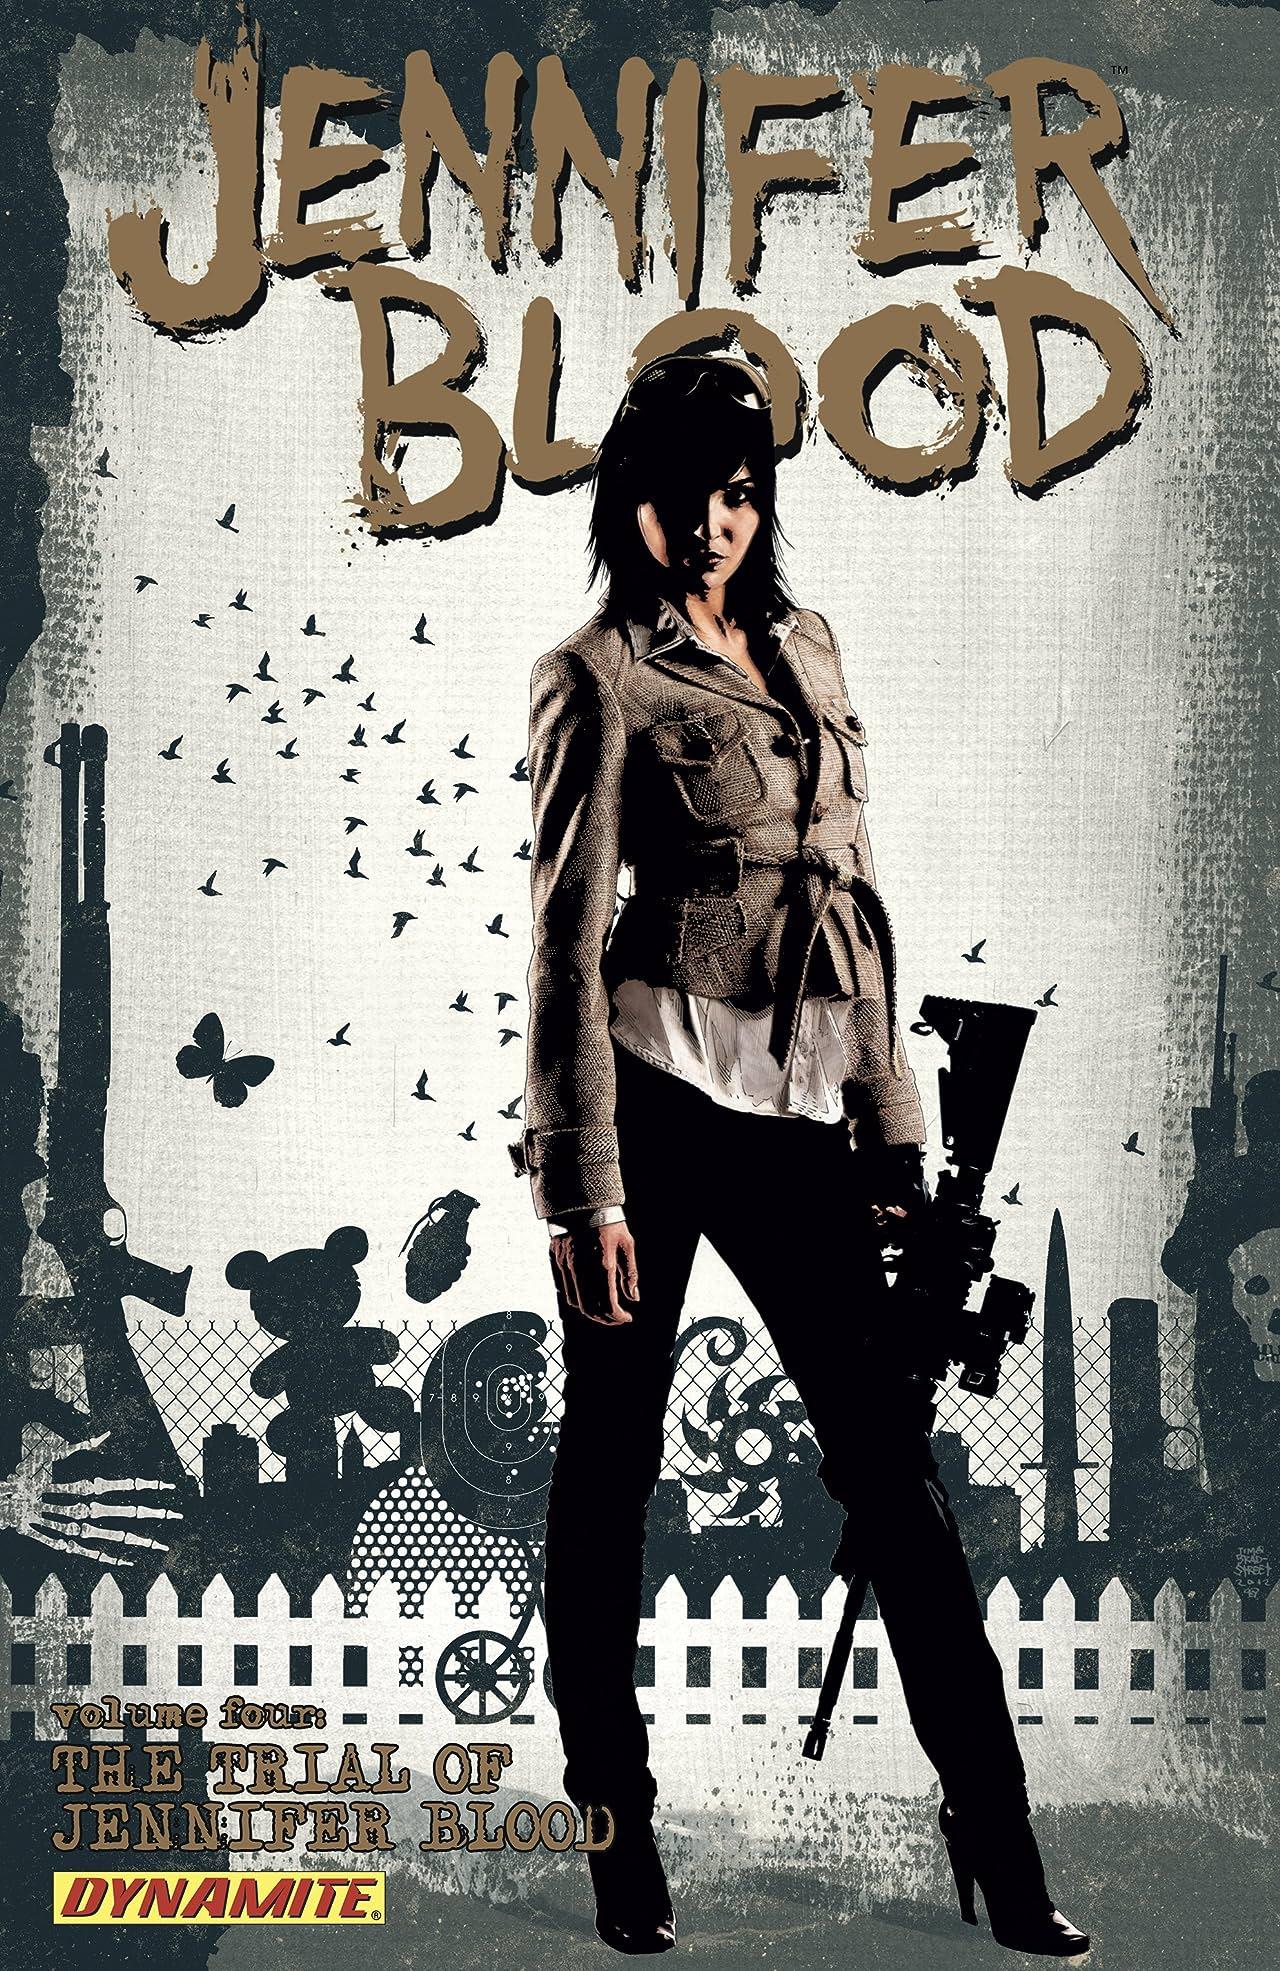 Garth Ennis' Jennifer Blood Tome 4: The Trial Of Jennifer Blood